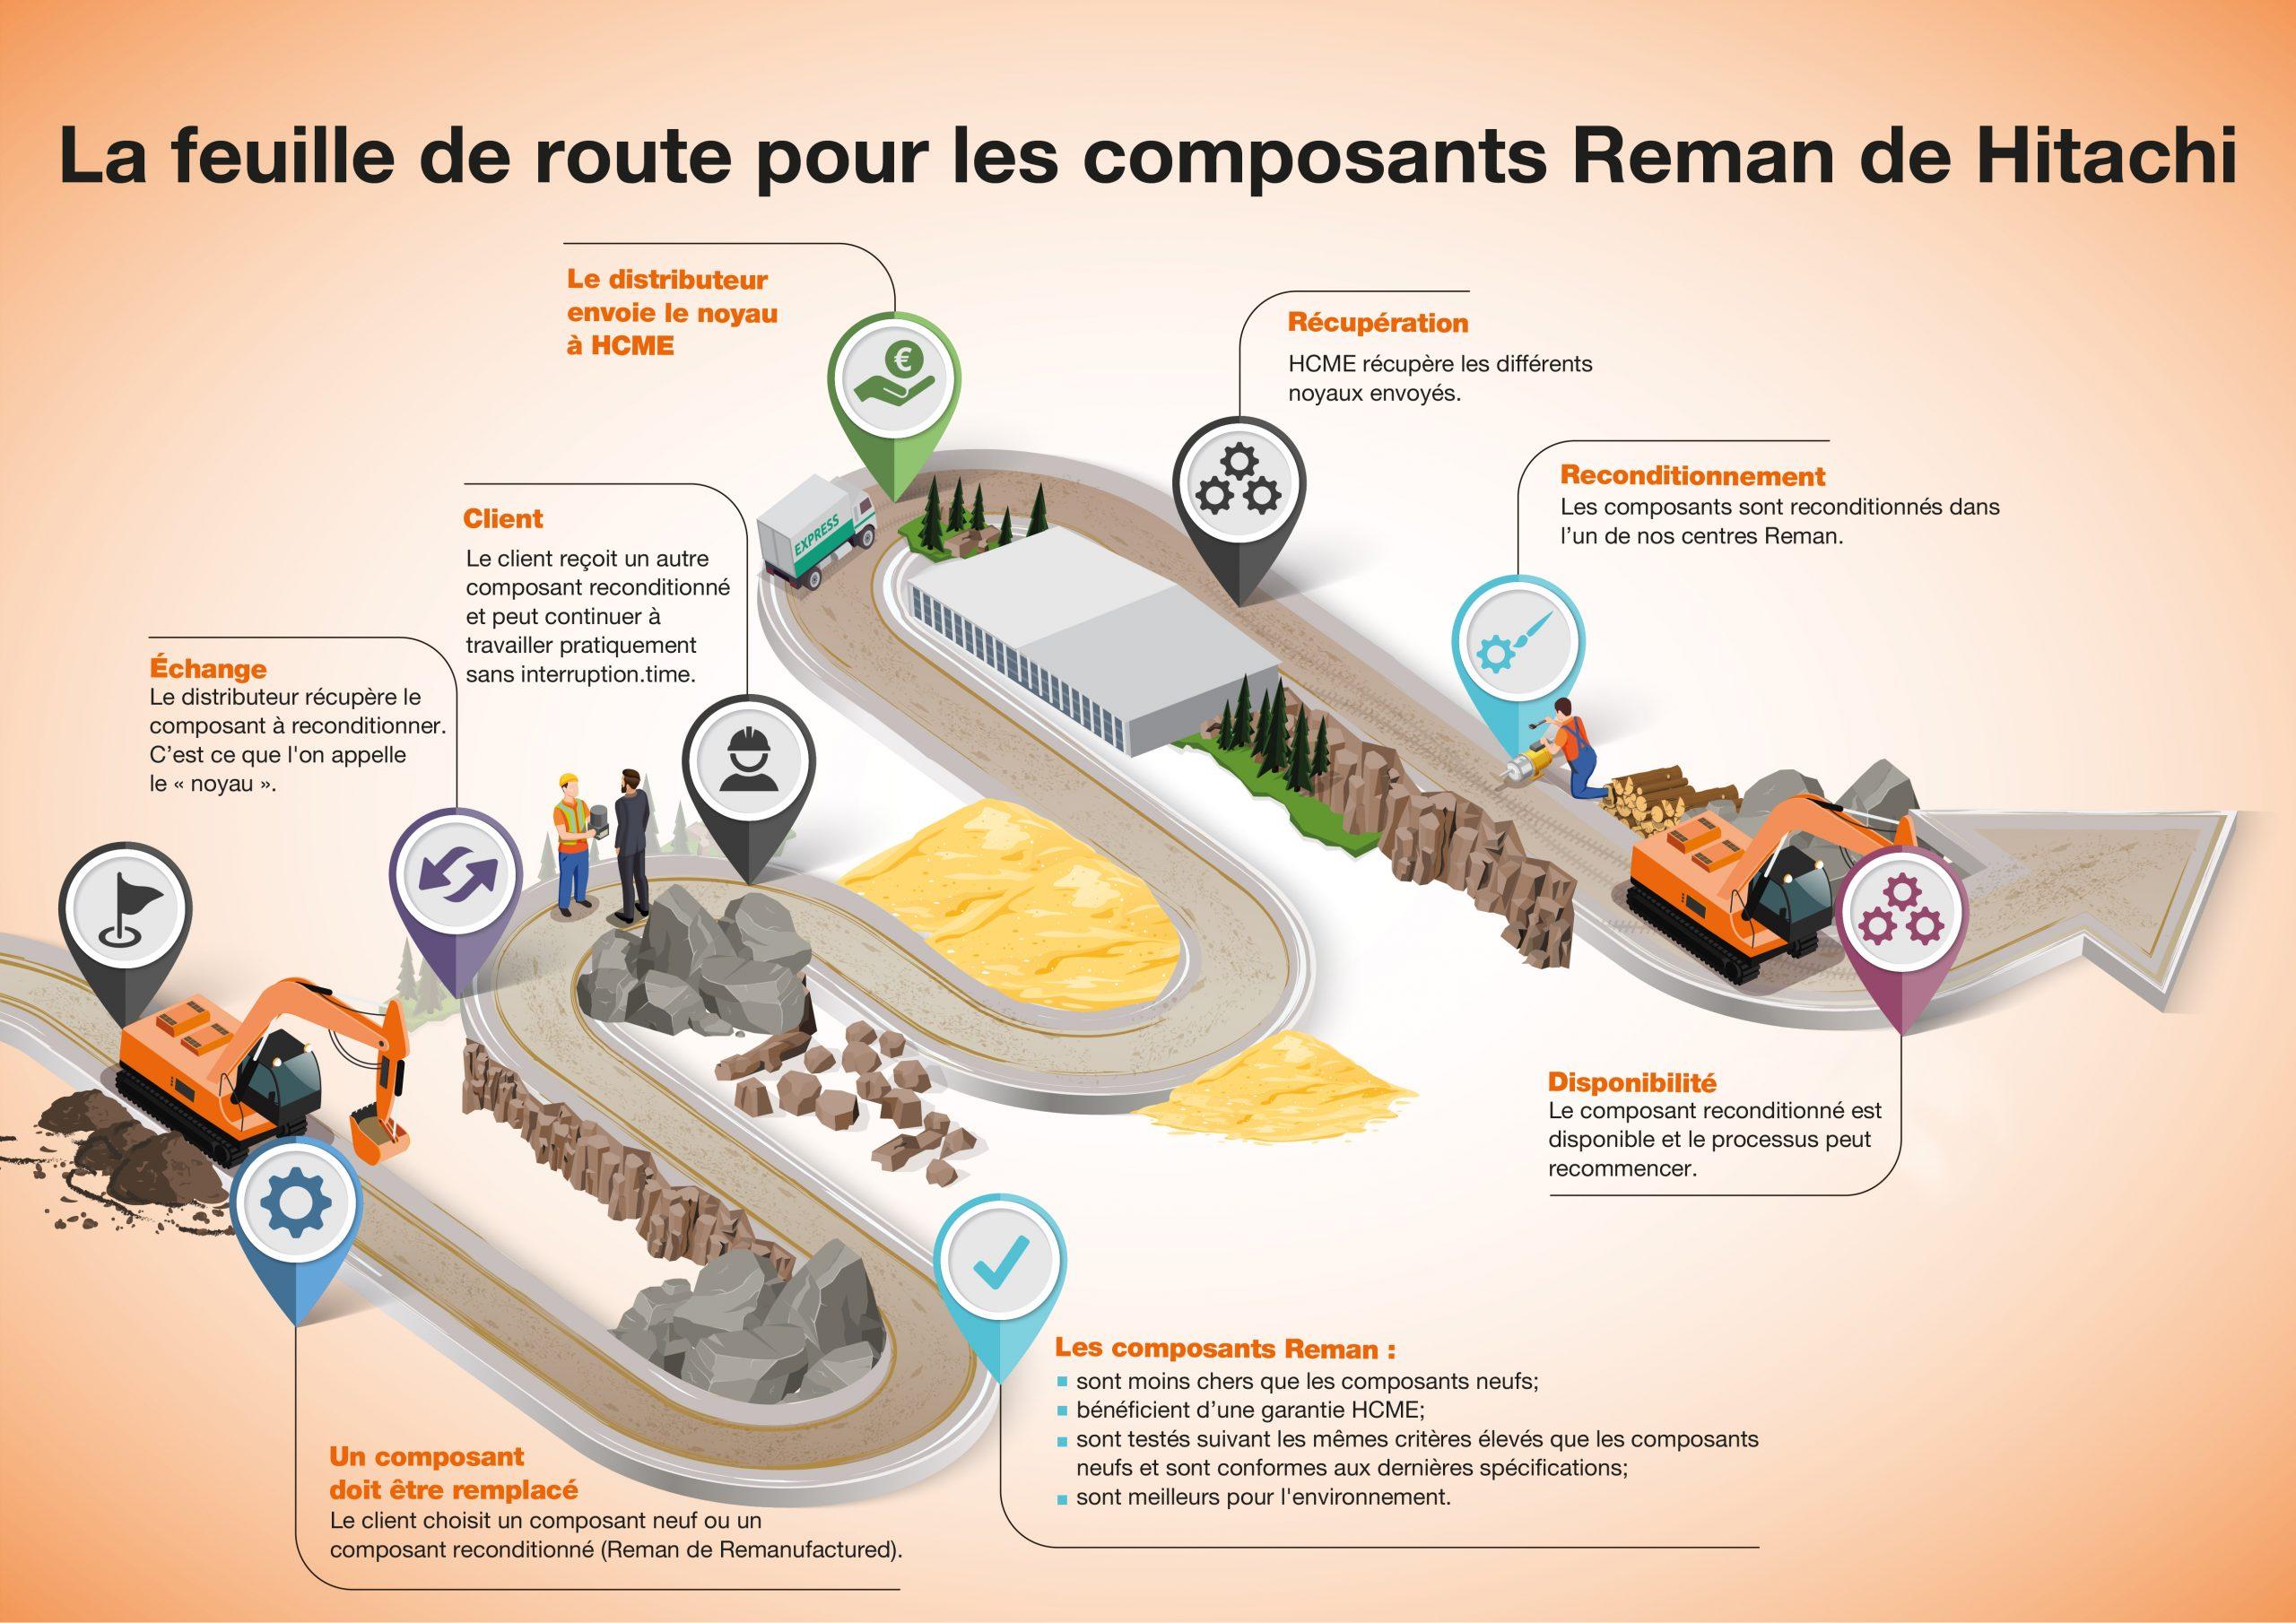 La feuille de route pour les composants Reman de Hitachi